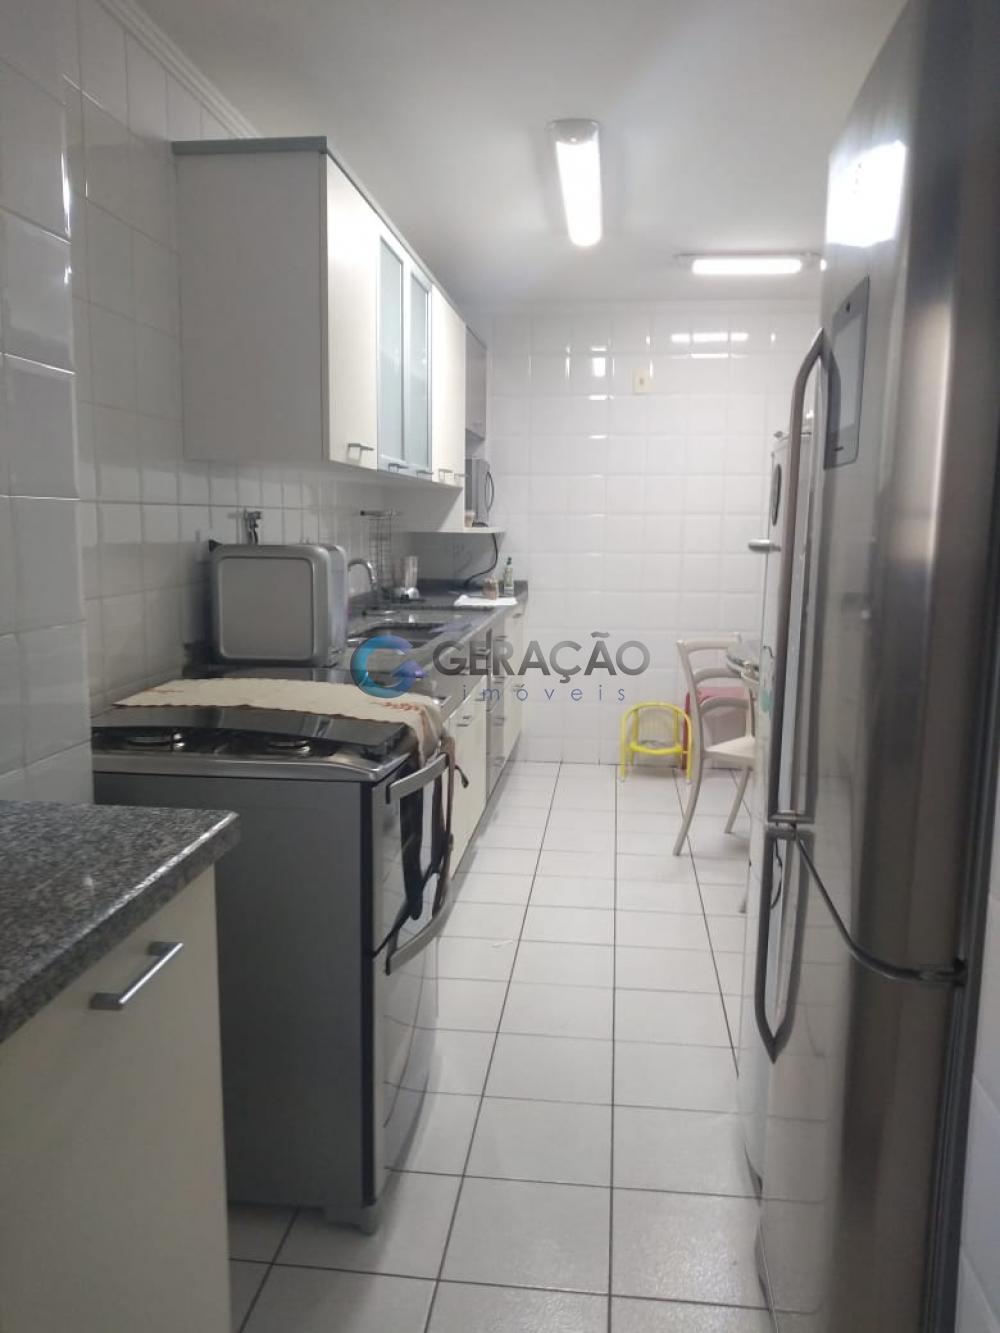 Comprar Apartamento / Padrão em São José dos Campos R$ 1.300.000,00 - Foto 21